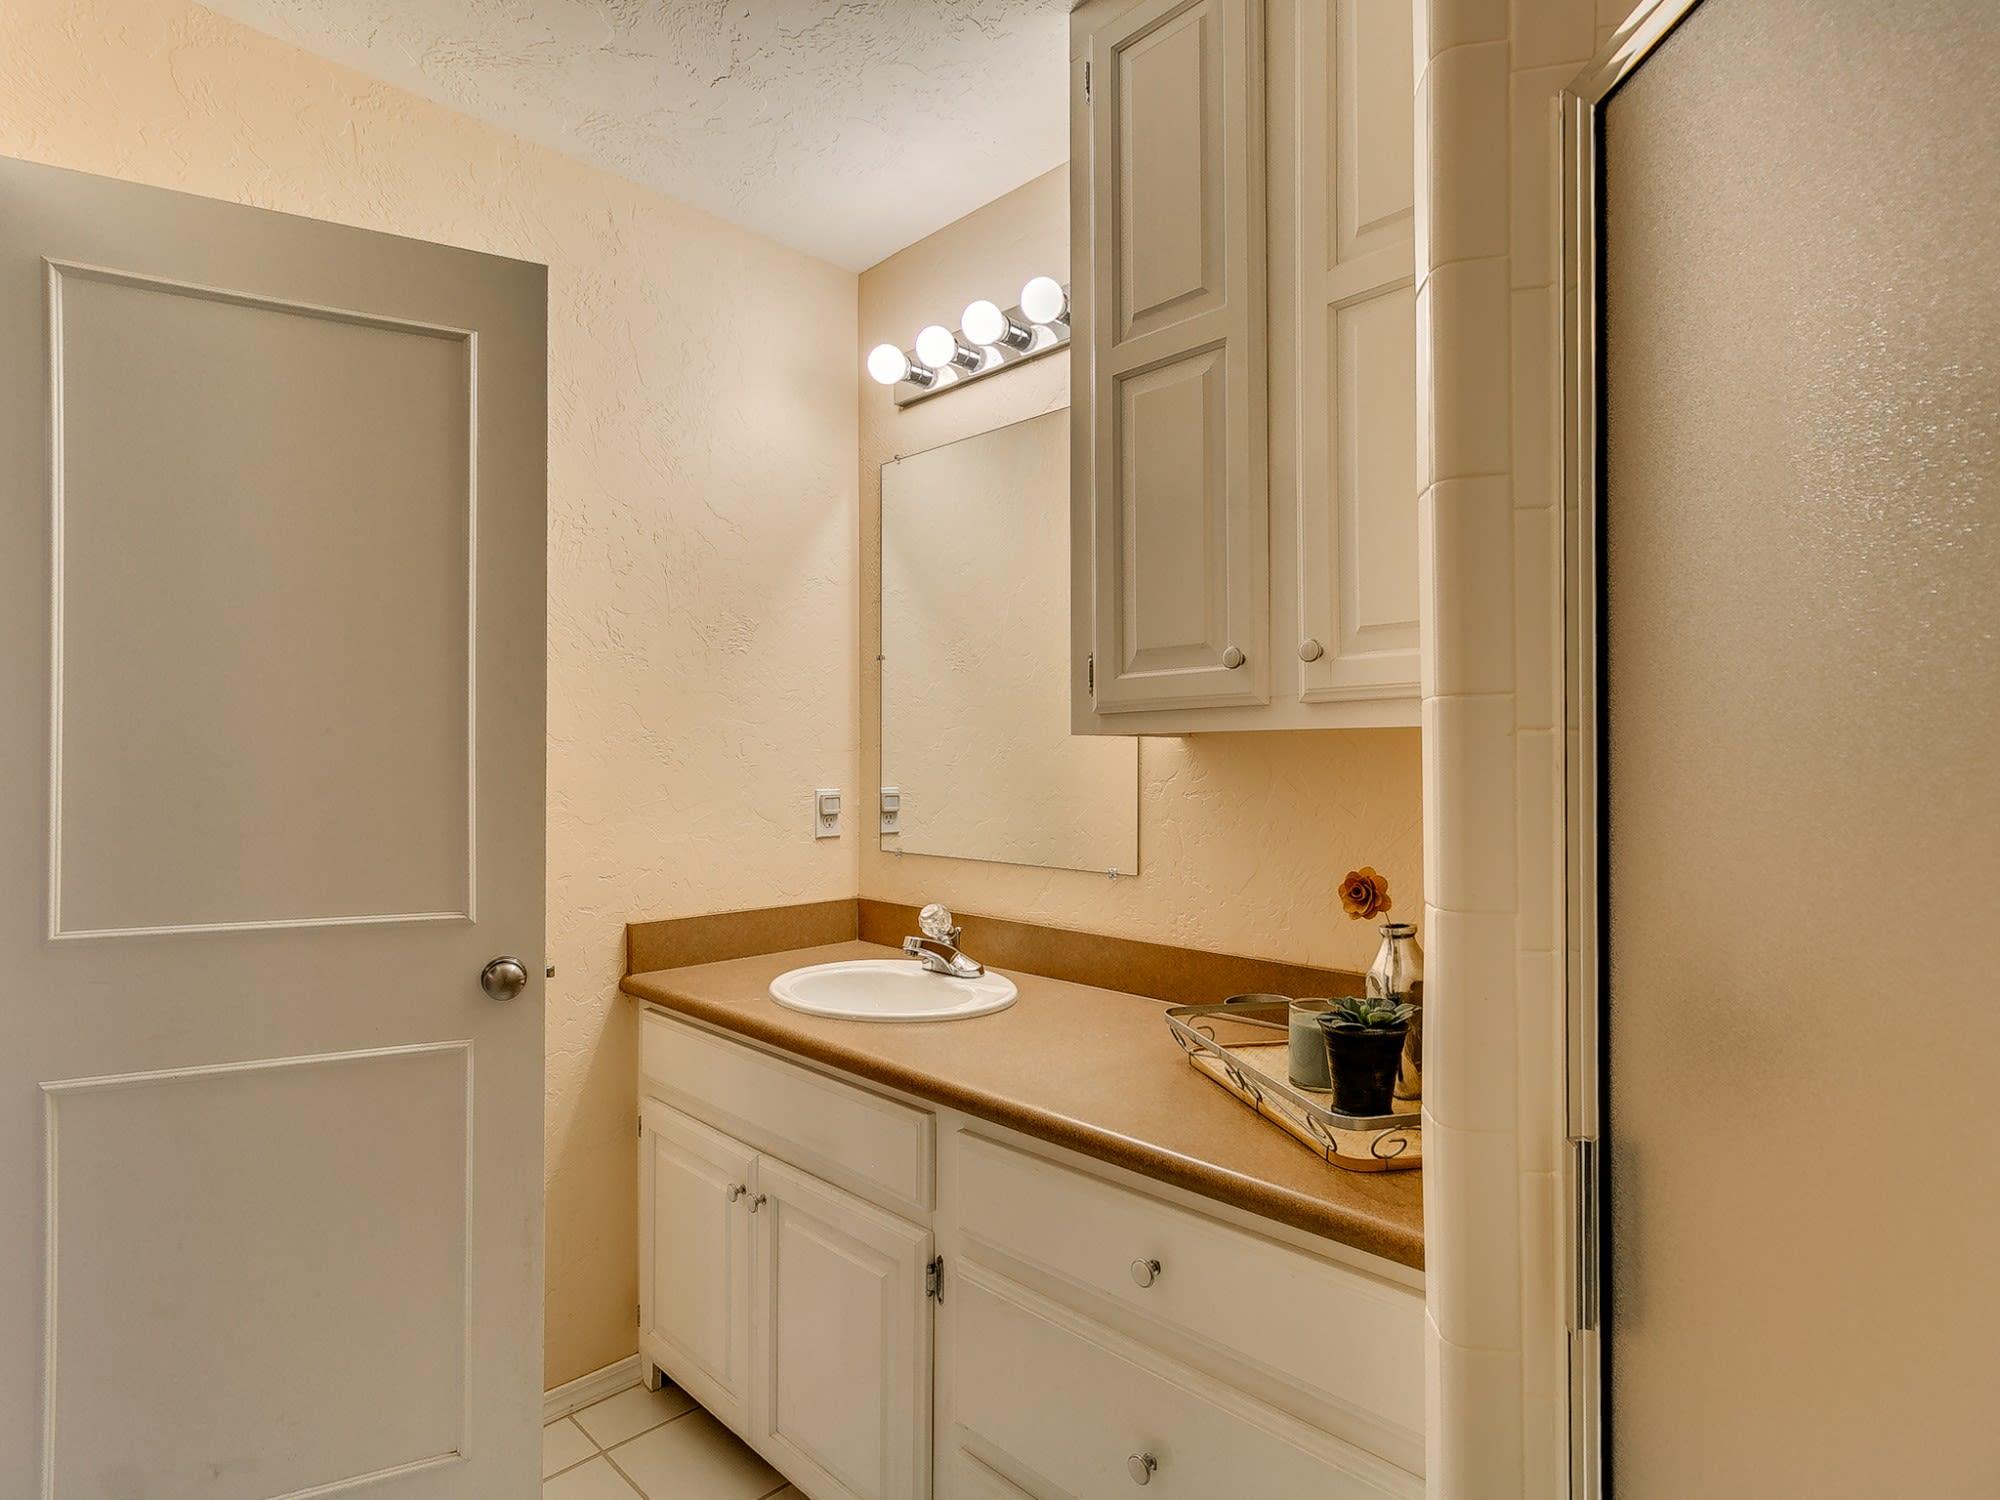 Bathroom Sinks Edmond Ok 1709 chickasha circle edmond ok 73013 arrowhead valley ii   curtis